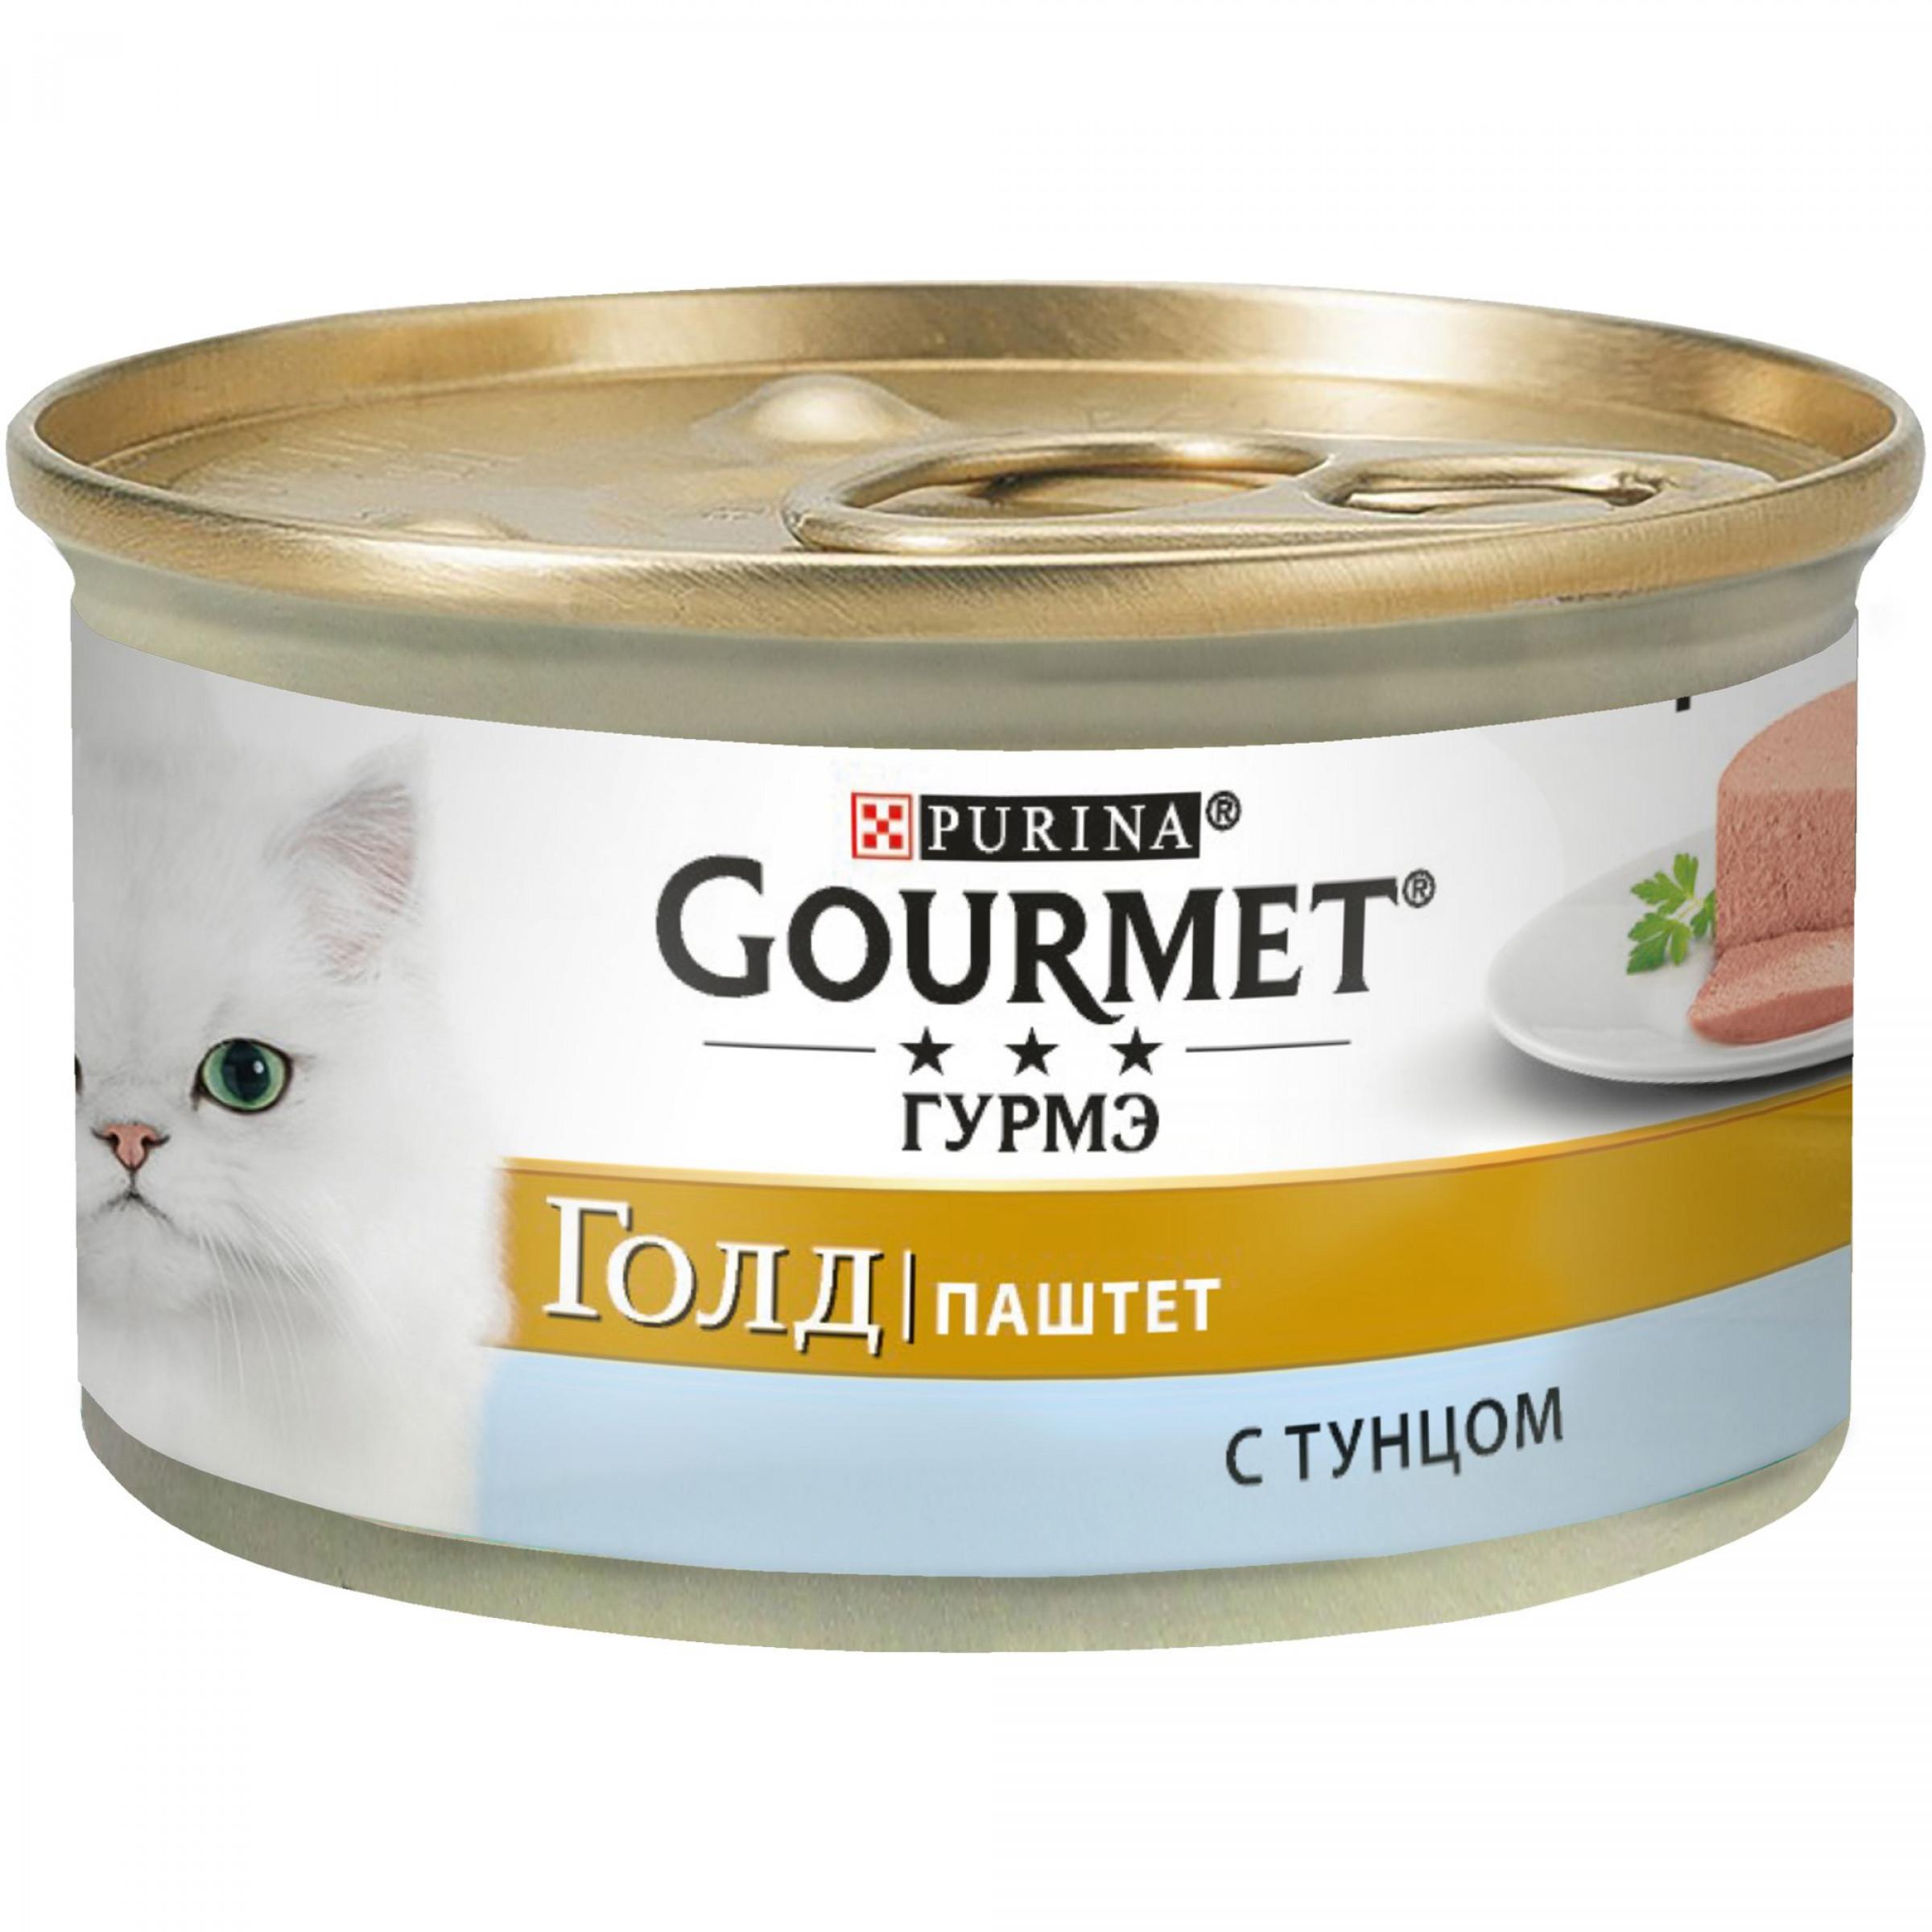 Влажный корм для кошек GOURMET Gold паштет с тунцом, 85 гр